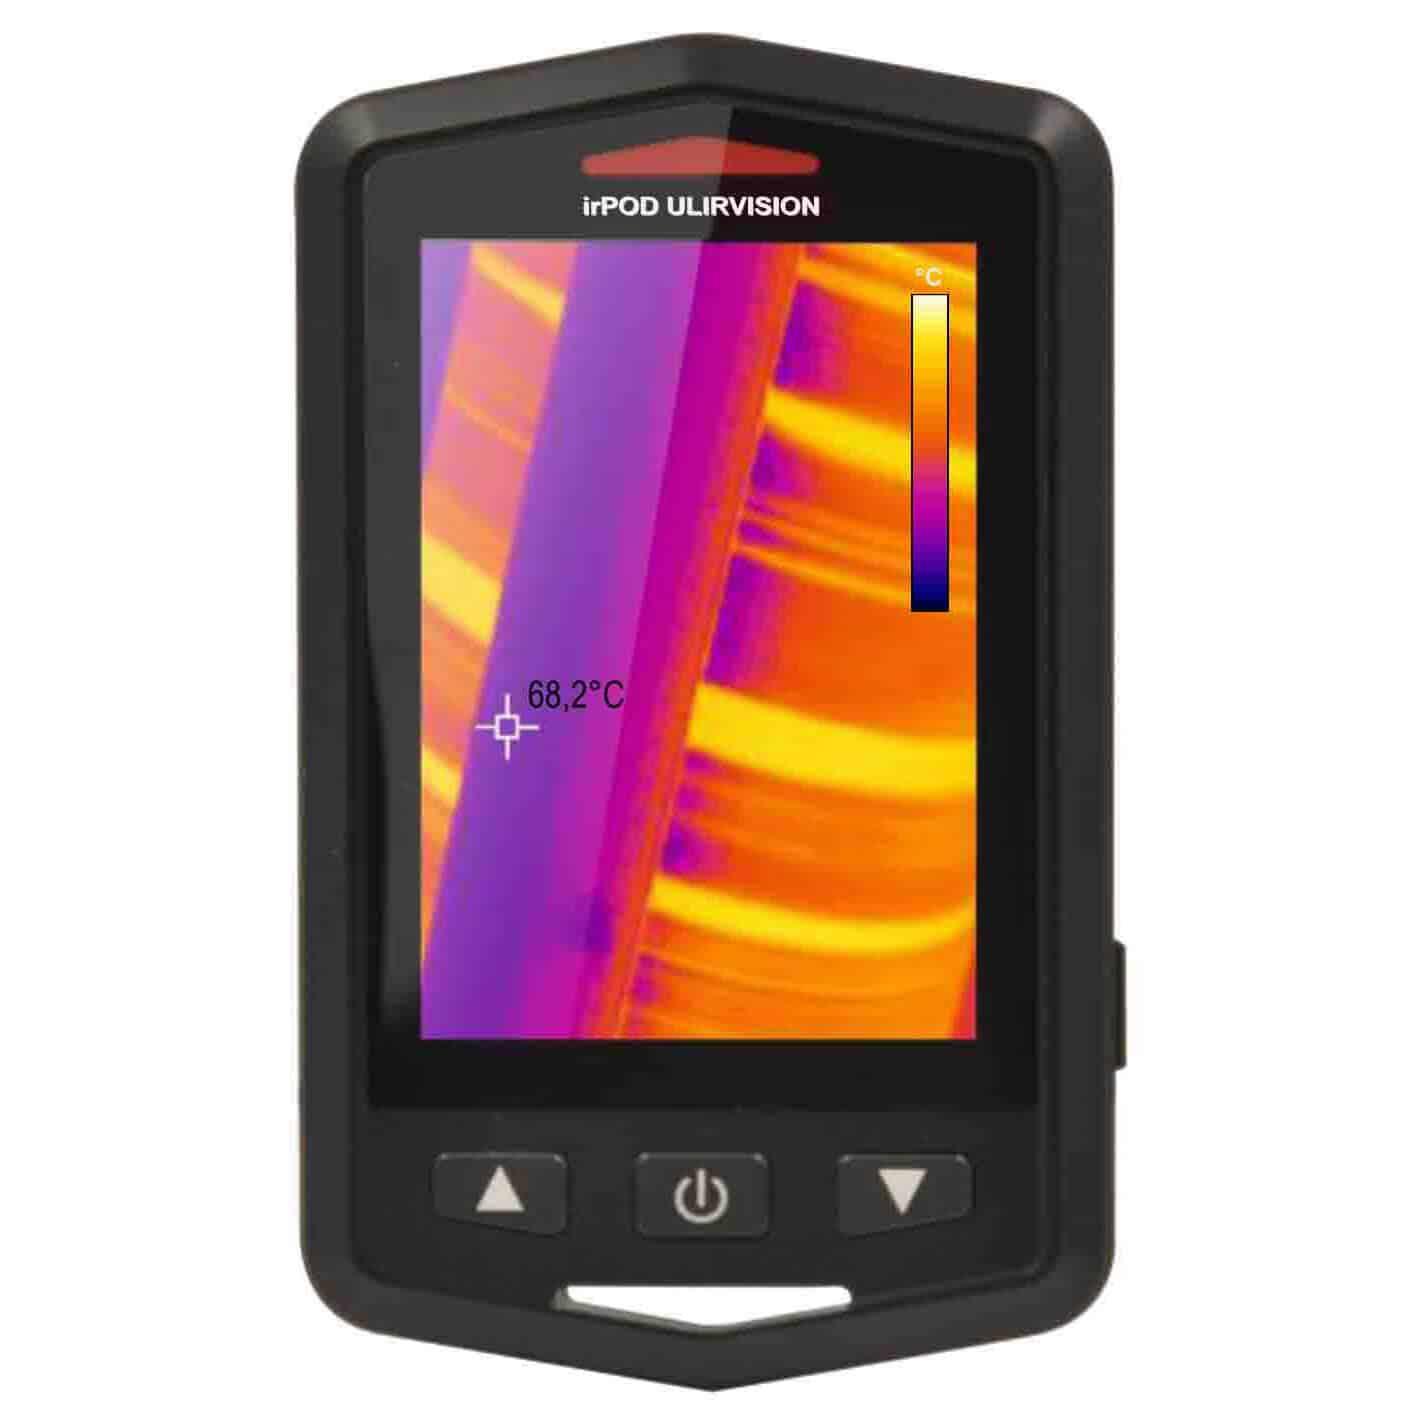 irPOD ULIRVISION Taschenformat Wärmebildkamera T2